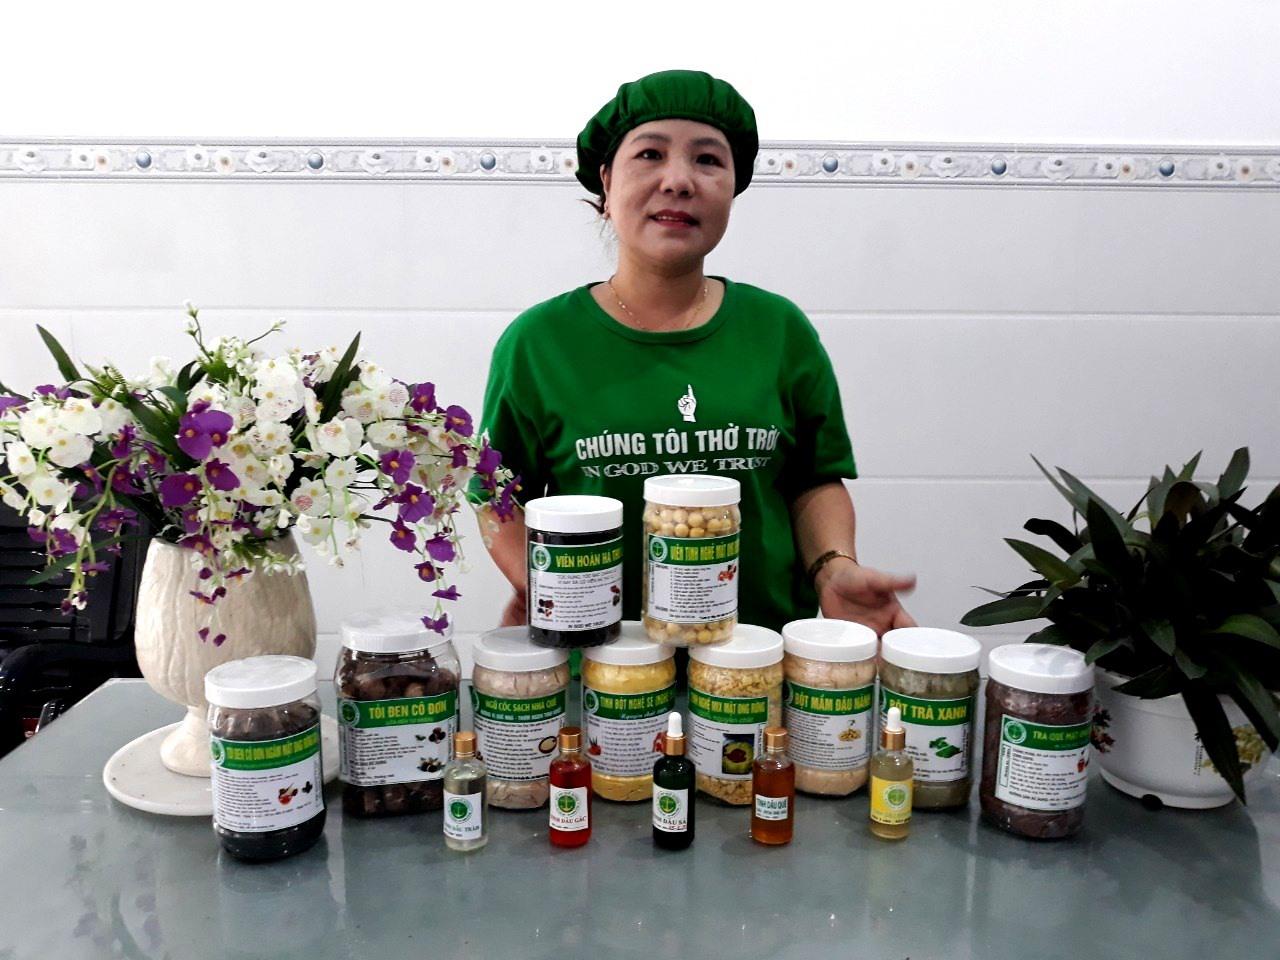 Tinh bột nghệ Tabitha của chị Đặng Thị Tố Nga (xã Bình Lãnh) là một trong những sản phẩm OCOP nổi bật của huyện Thăng Bình đã có chỗ đứng vững chắc trên thị trường. Ảnh: V.Q